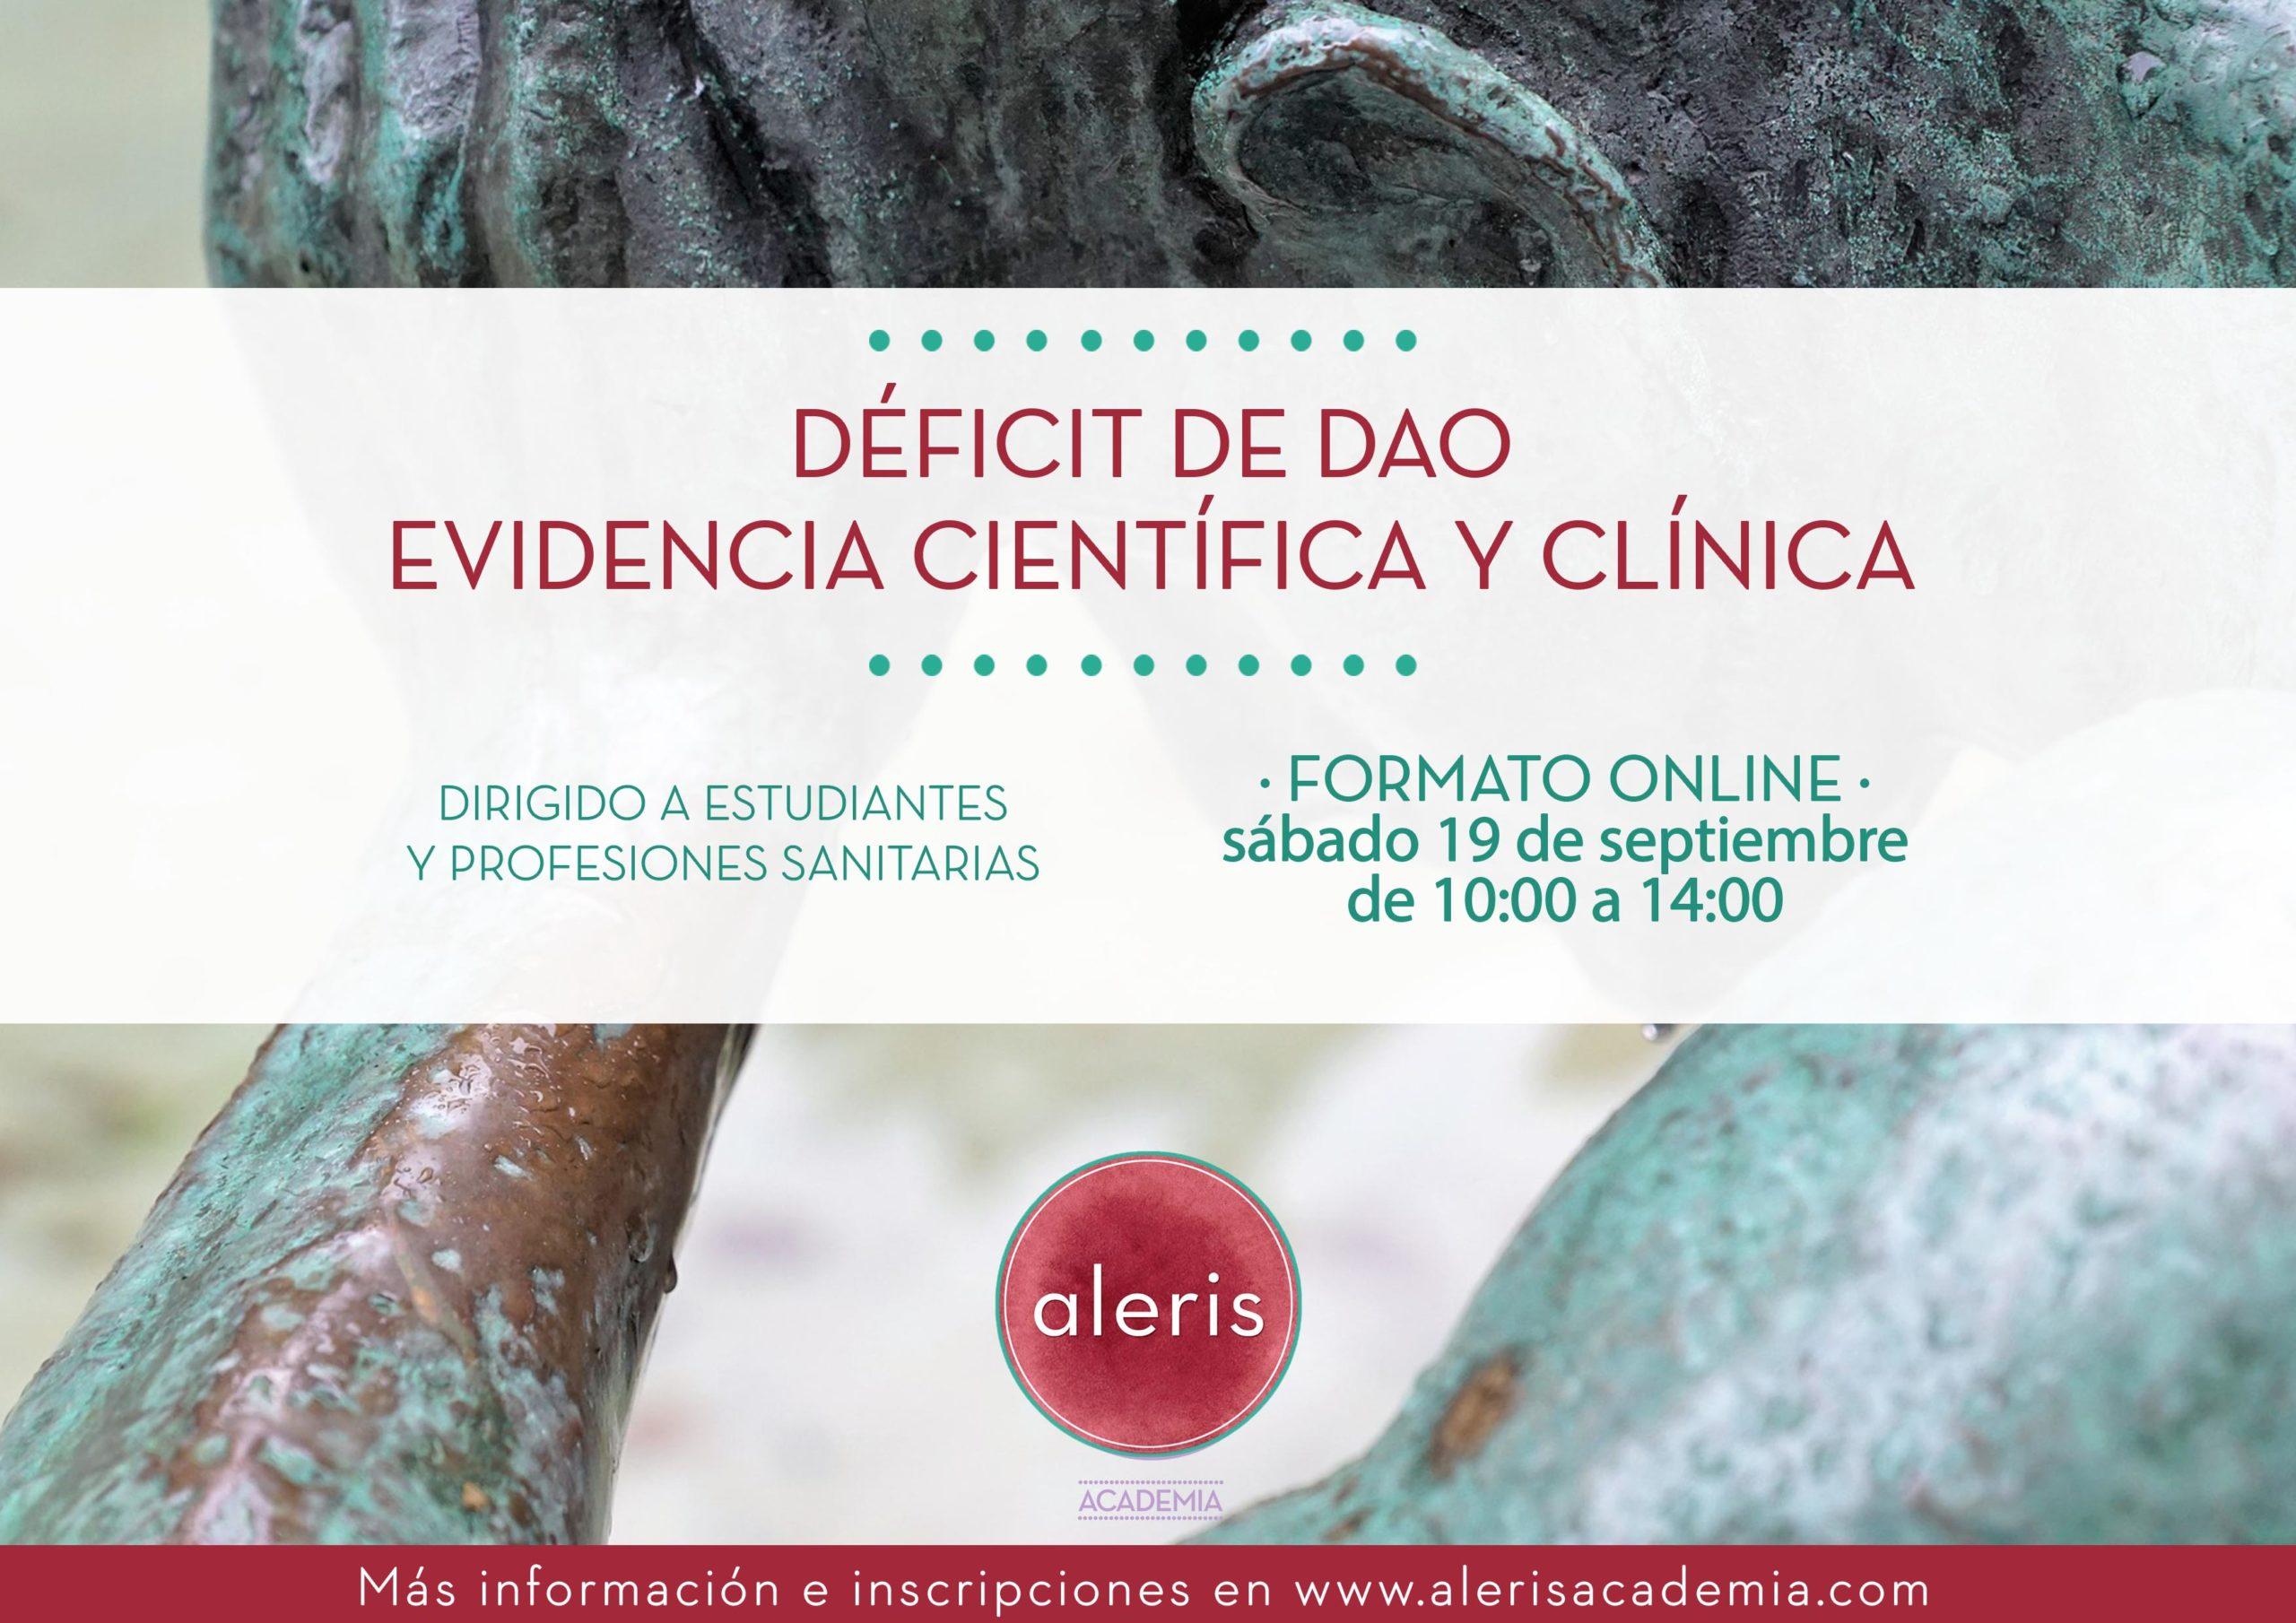 Déficit de DAO: Evidencia científica y clínica